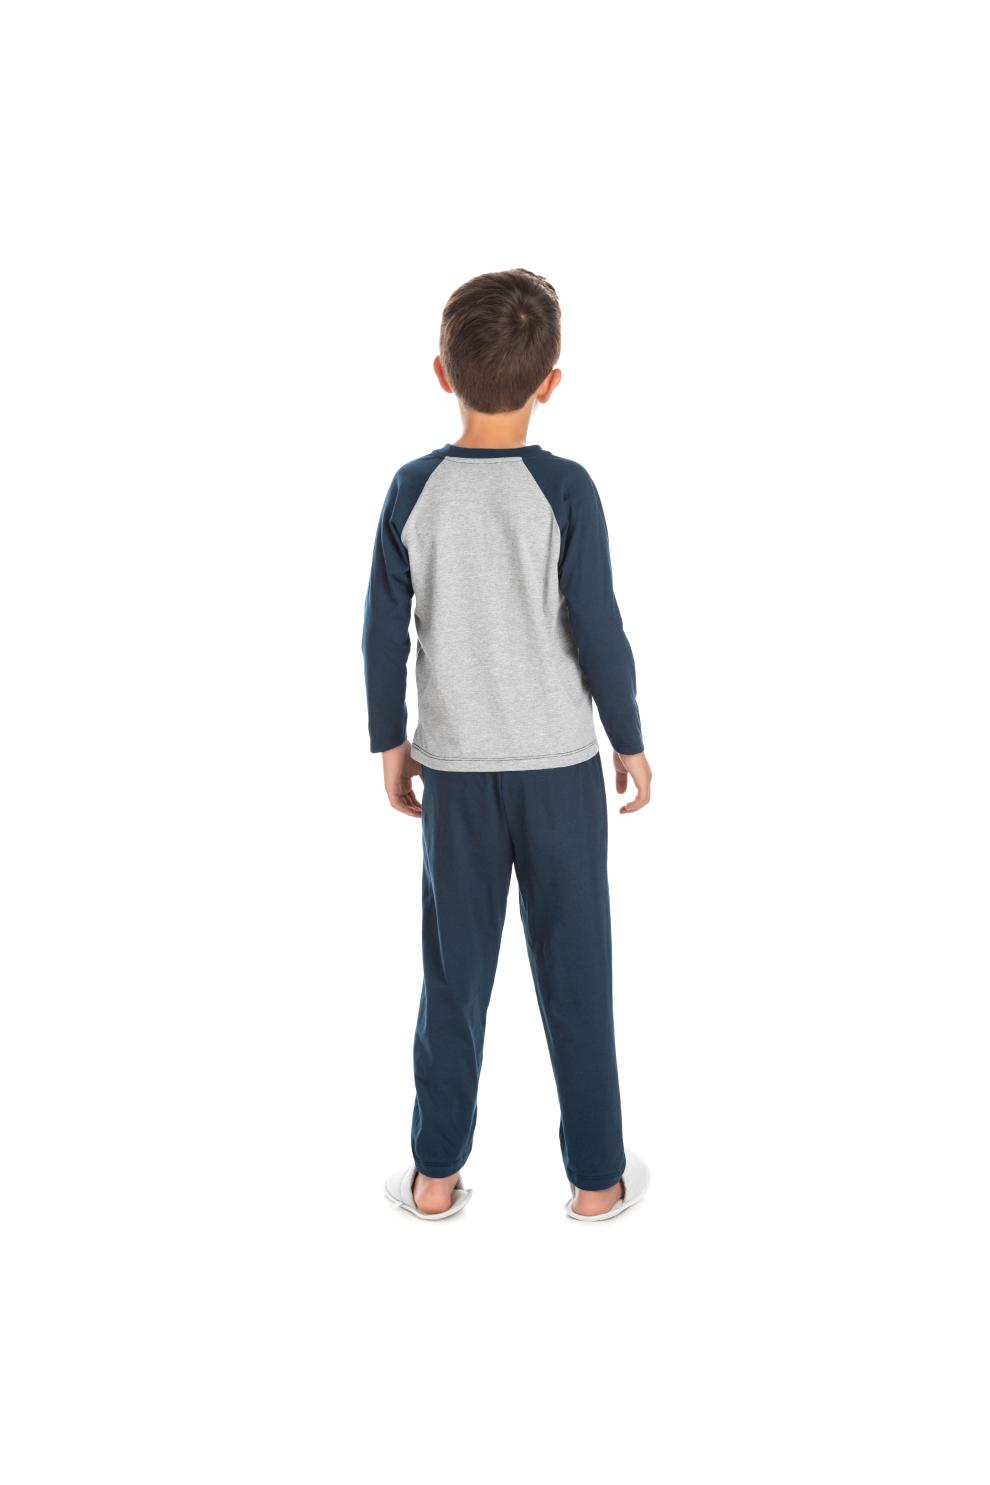 217/A - Pijama Infantil Masculino com Aplique Termocolante